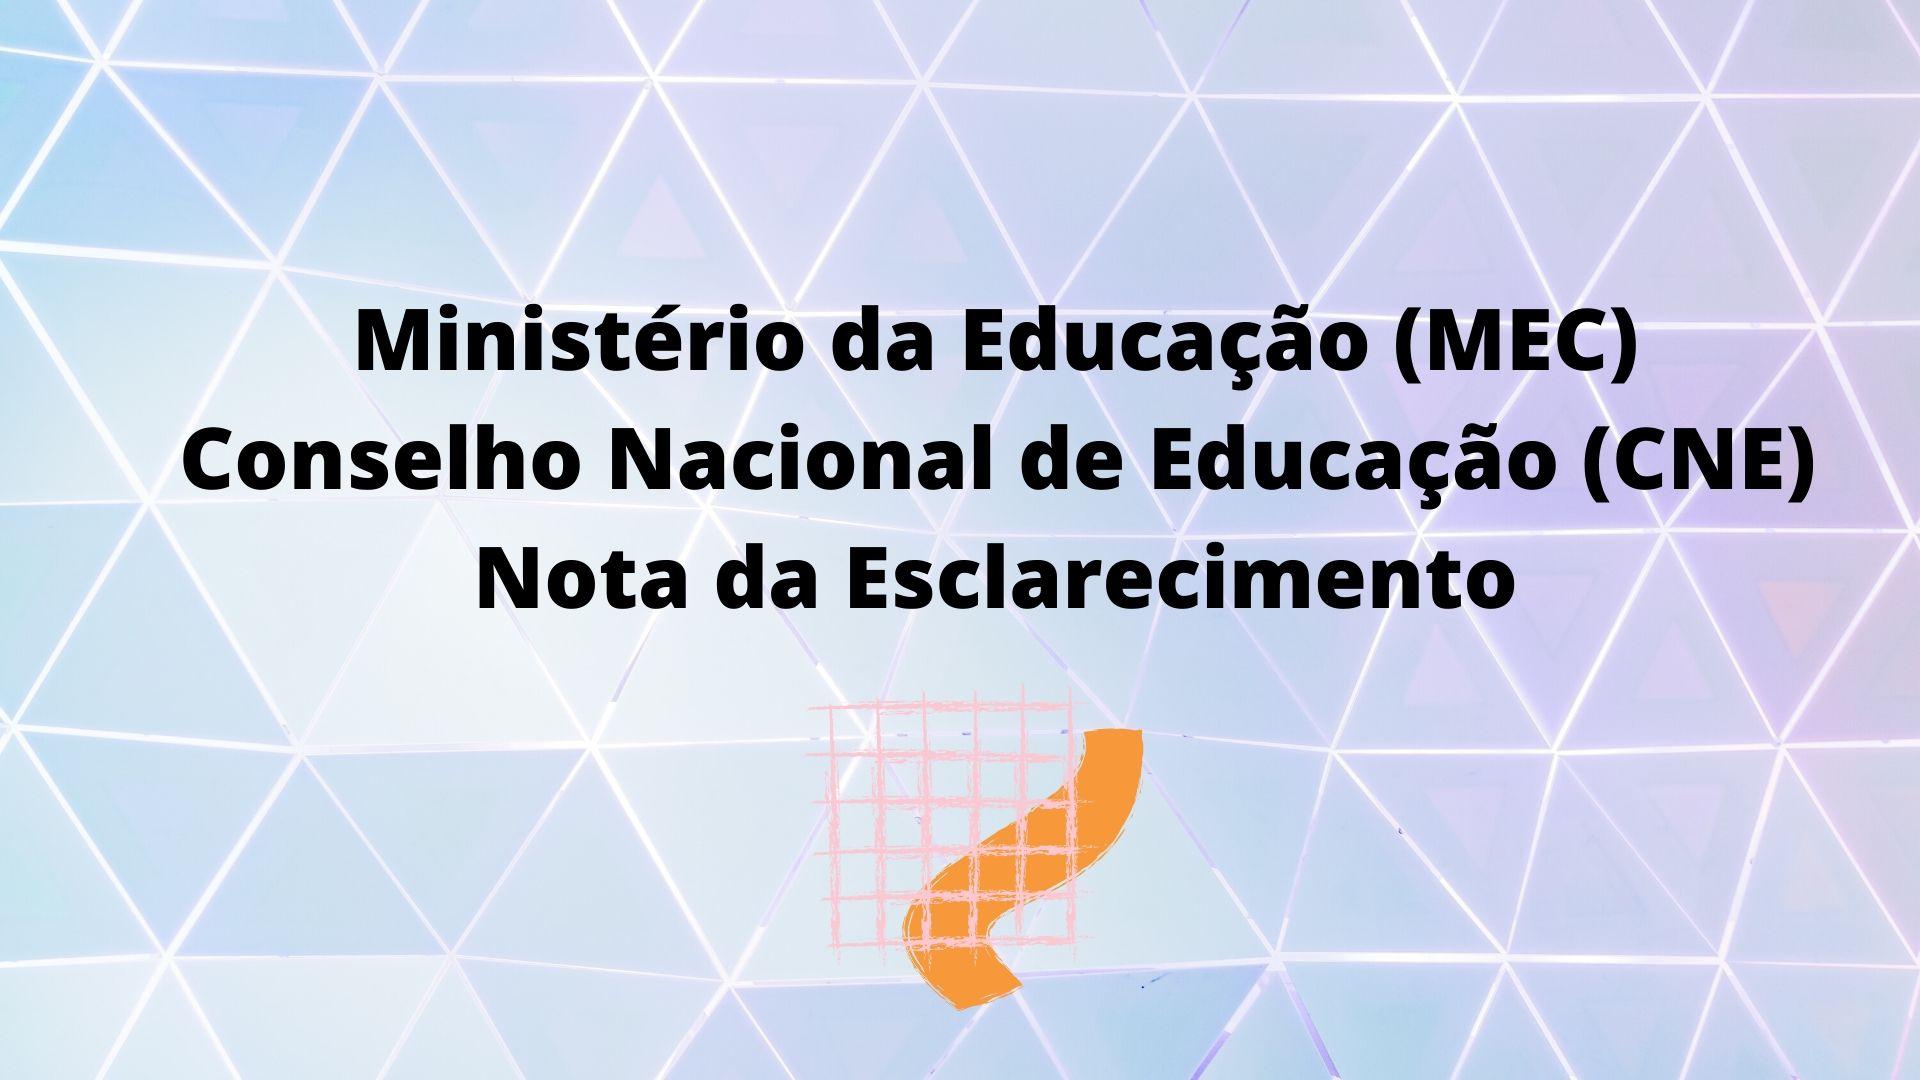 Conselho Nacional de Educação (CNE) – Nota de Esclarecimento